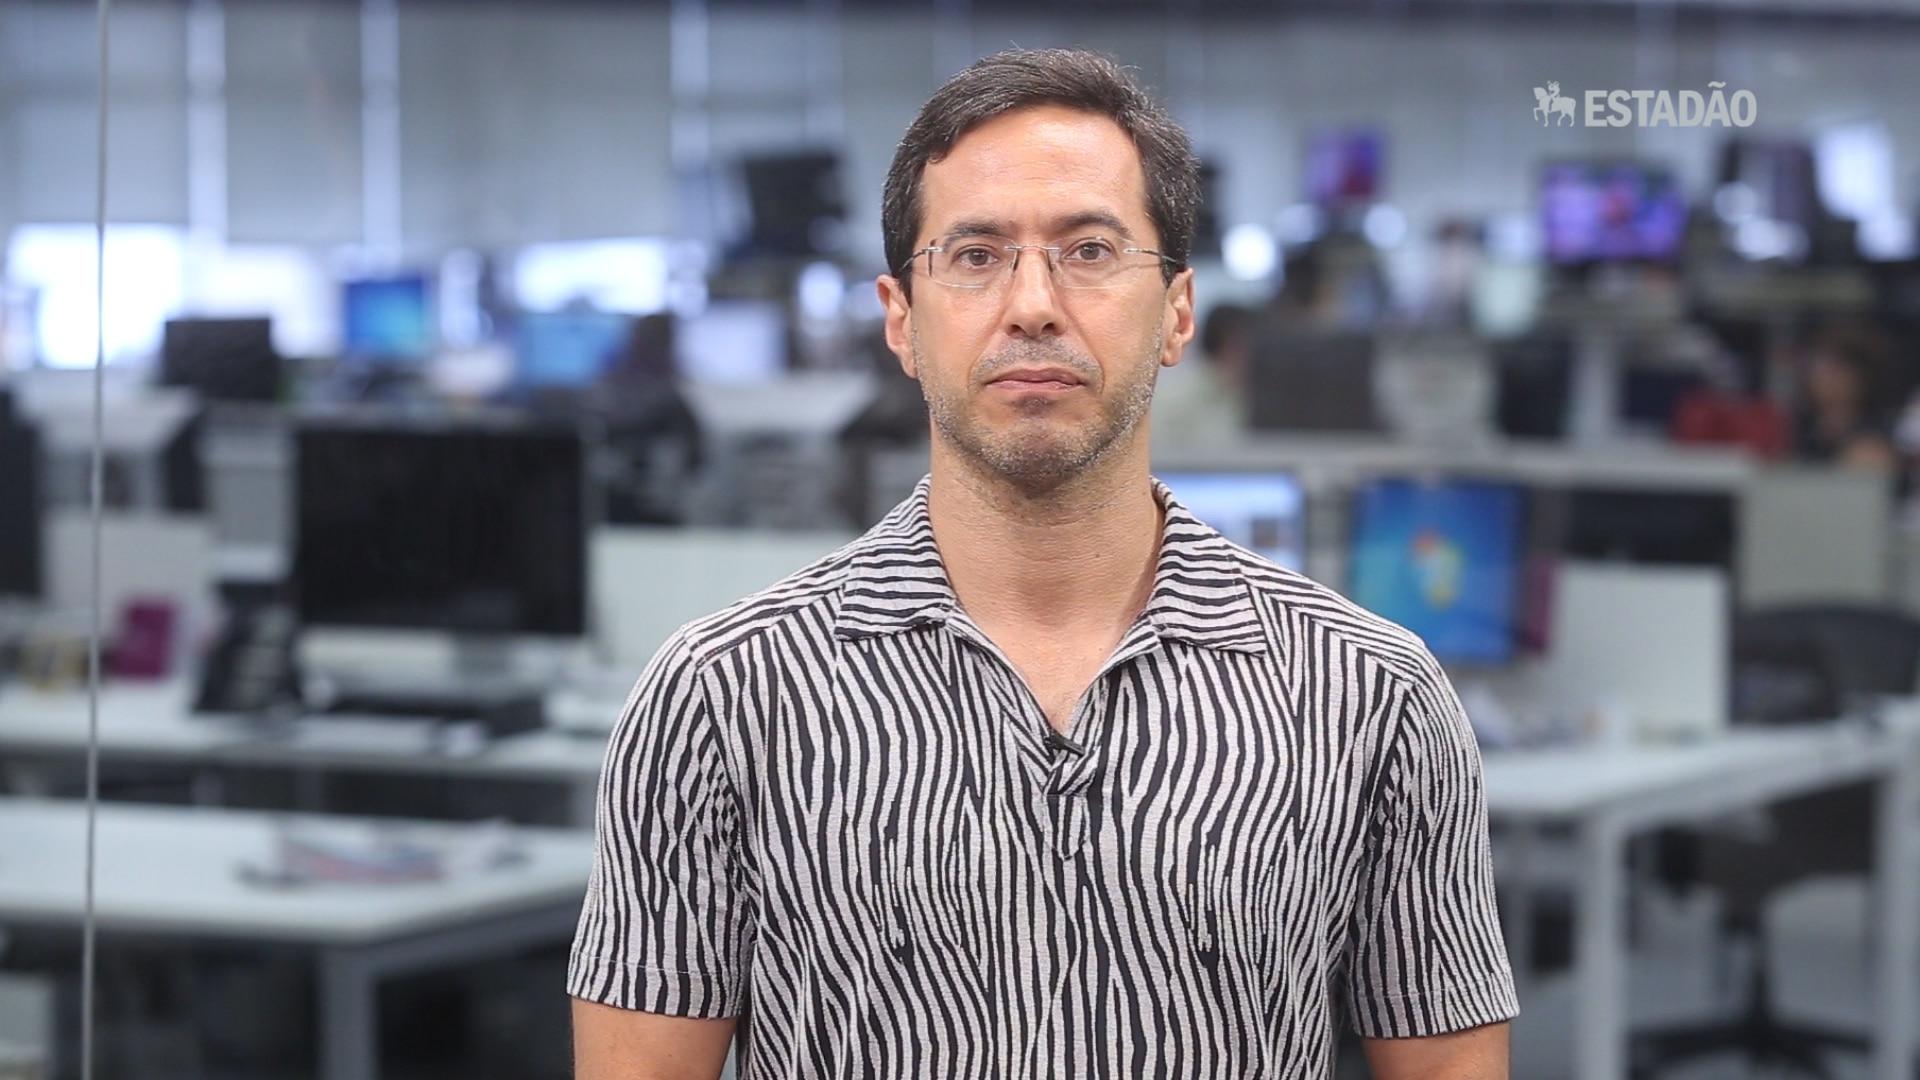 Fábio Alves: Bolsa e dólar à mercê do STF